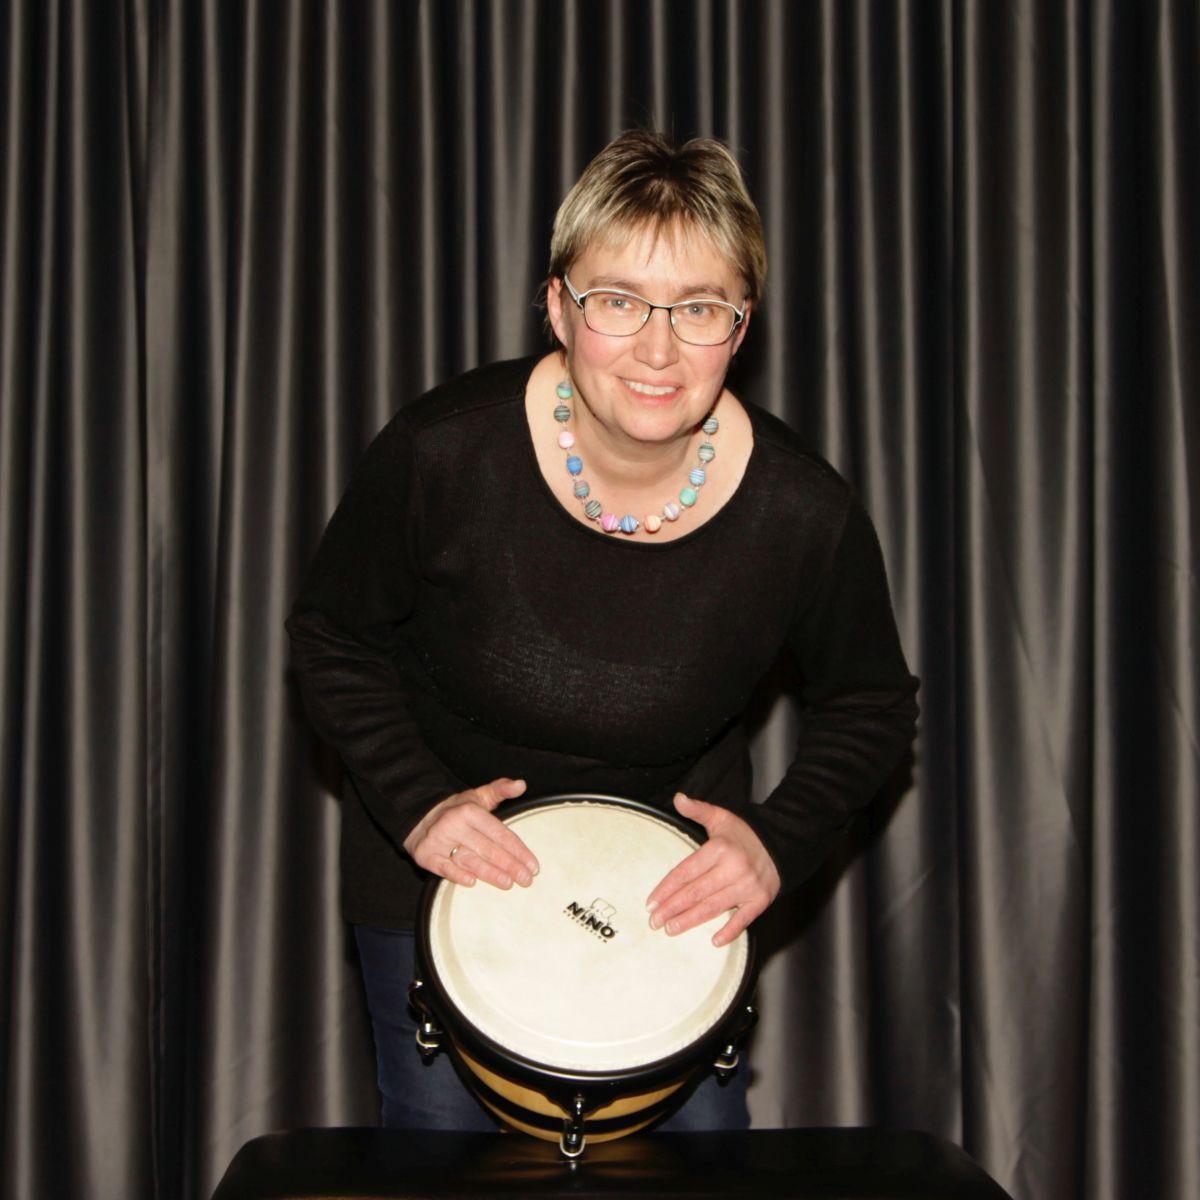 Bild von Veronika Wiedermann mit Trommel